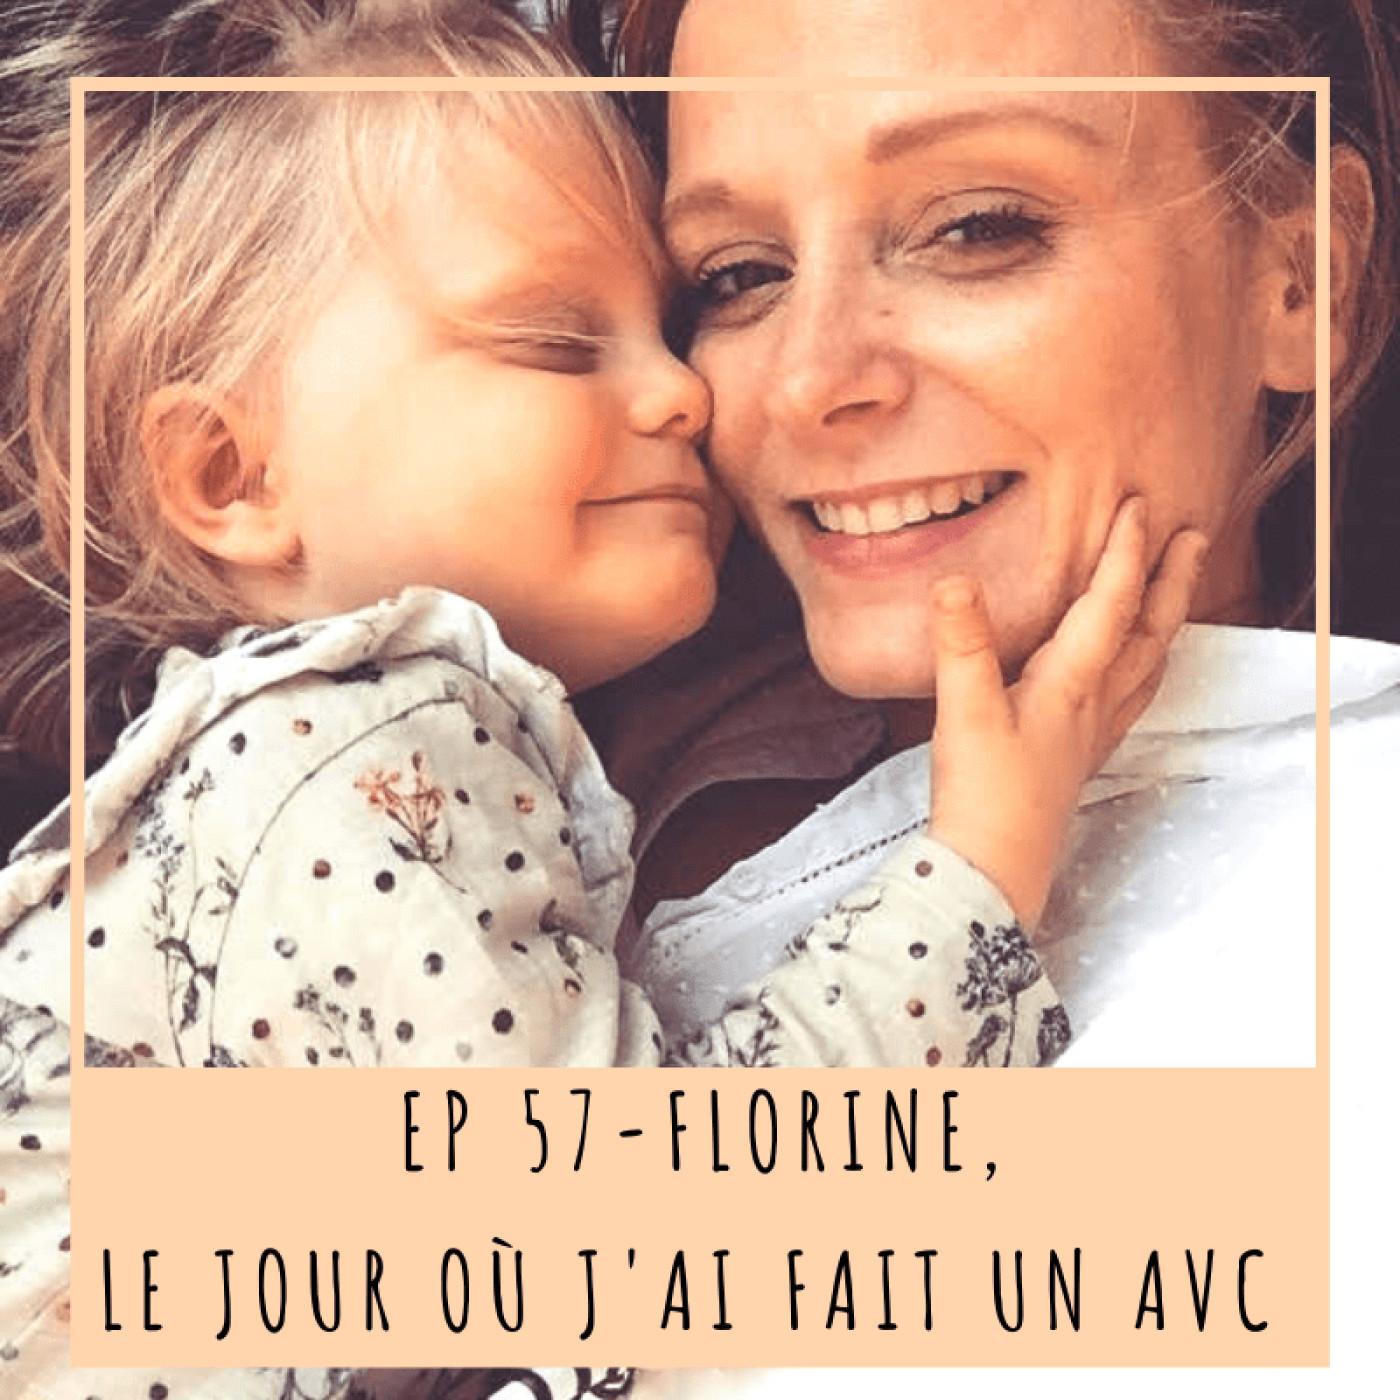 EP57- FLORINE, LE JOUR OÙ J'AI FAIT UN AVC